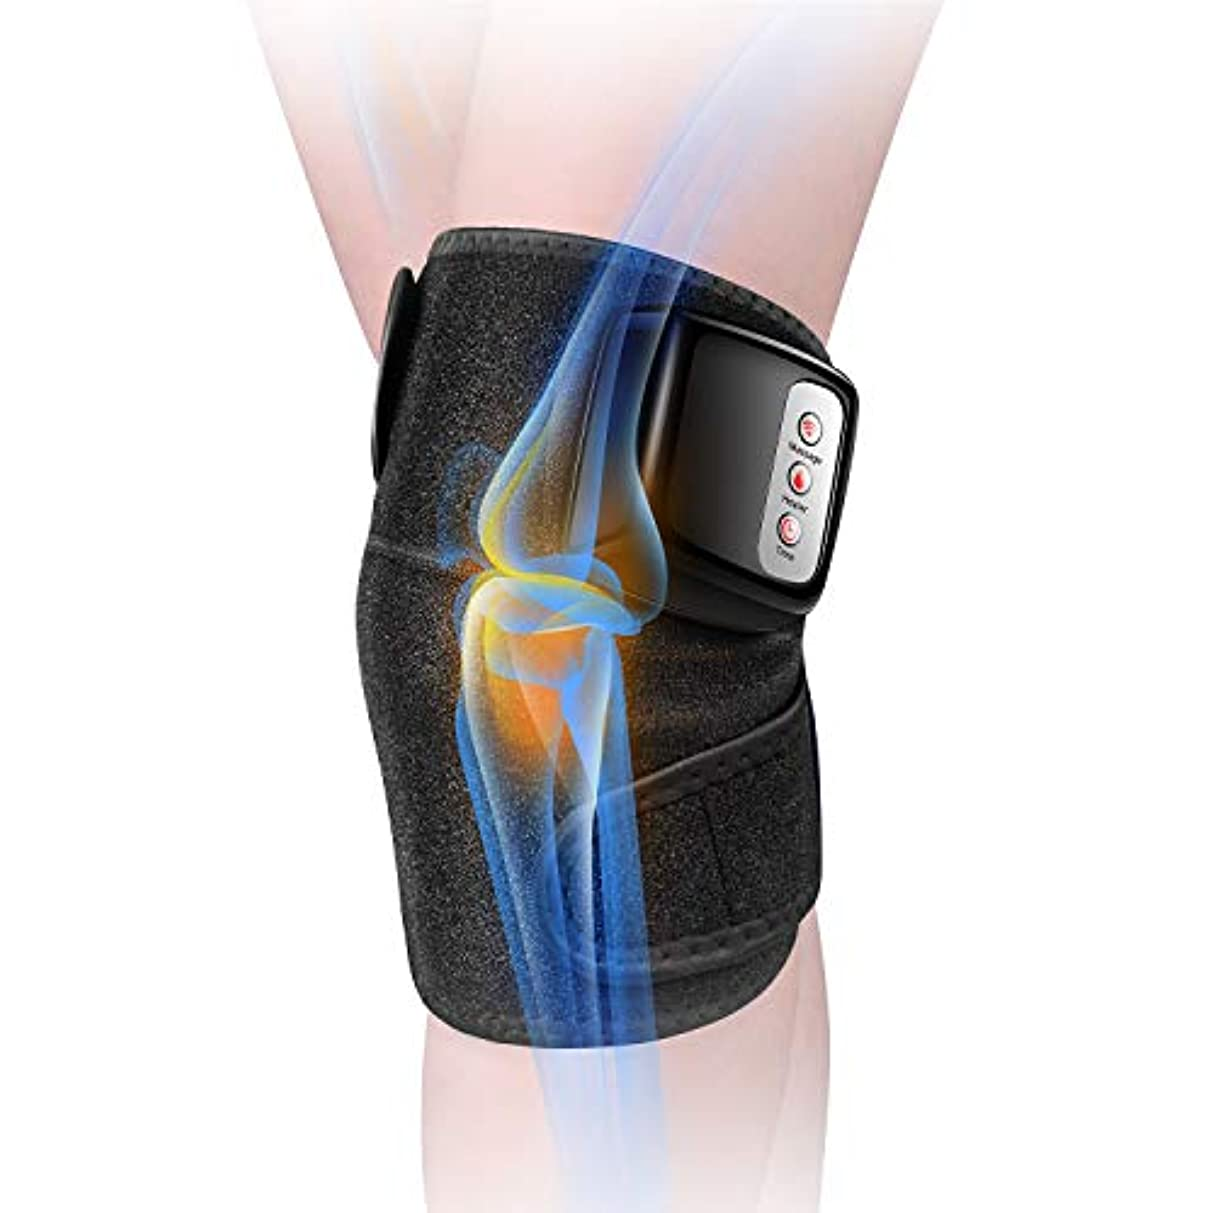 とんでもない主に正しい膝マッサージャー 関節マッサージャー マッサージ器 フットマッサージャー 振動 赤外線療法 温熱療法 膝サポーター ストレス解消 肩 太もも/腕対応